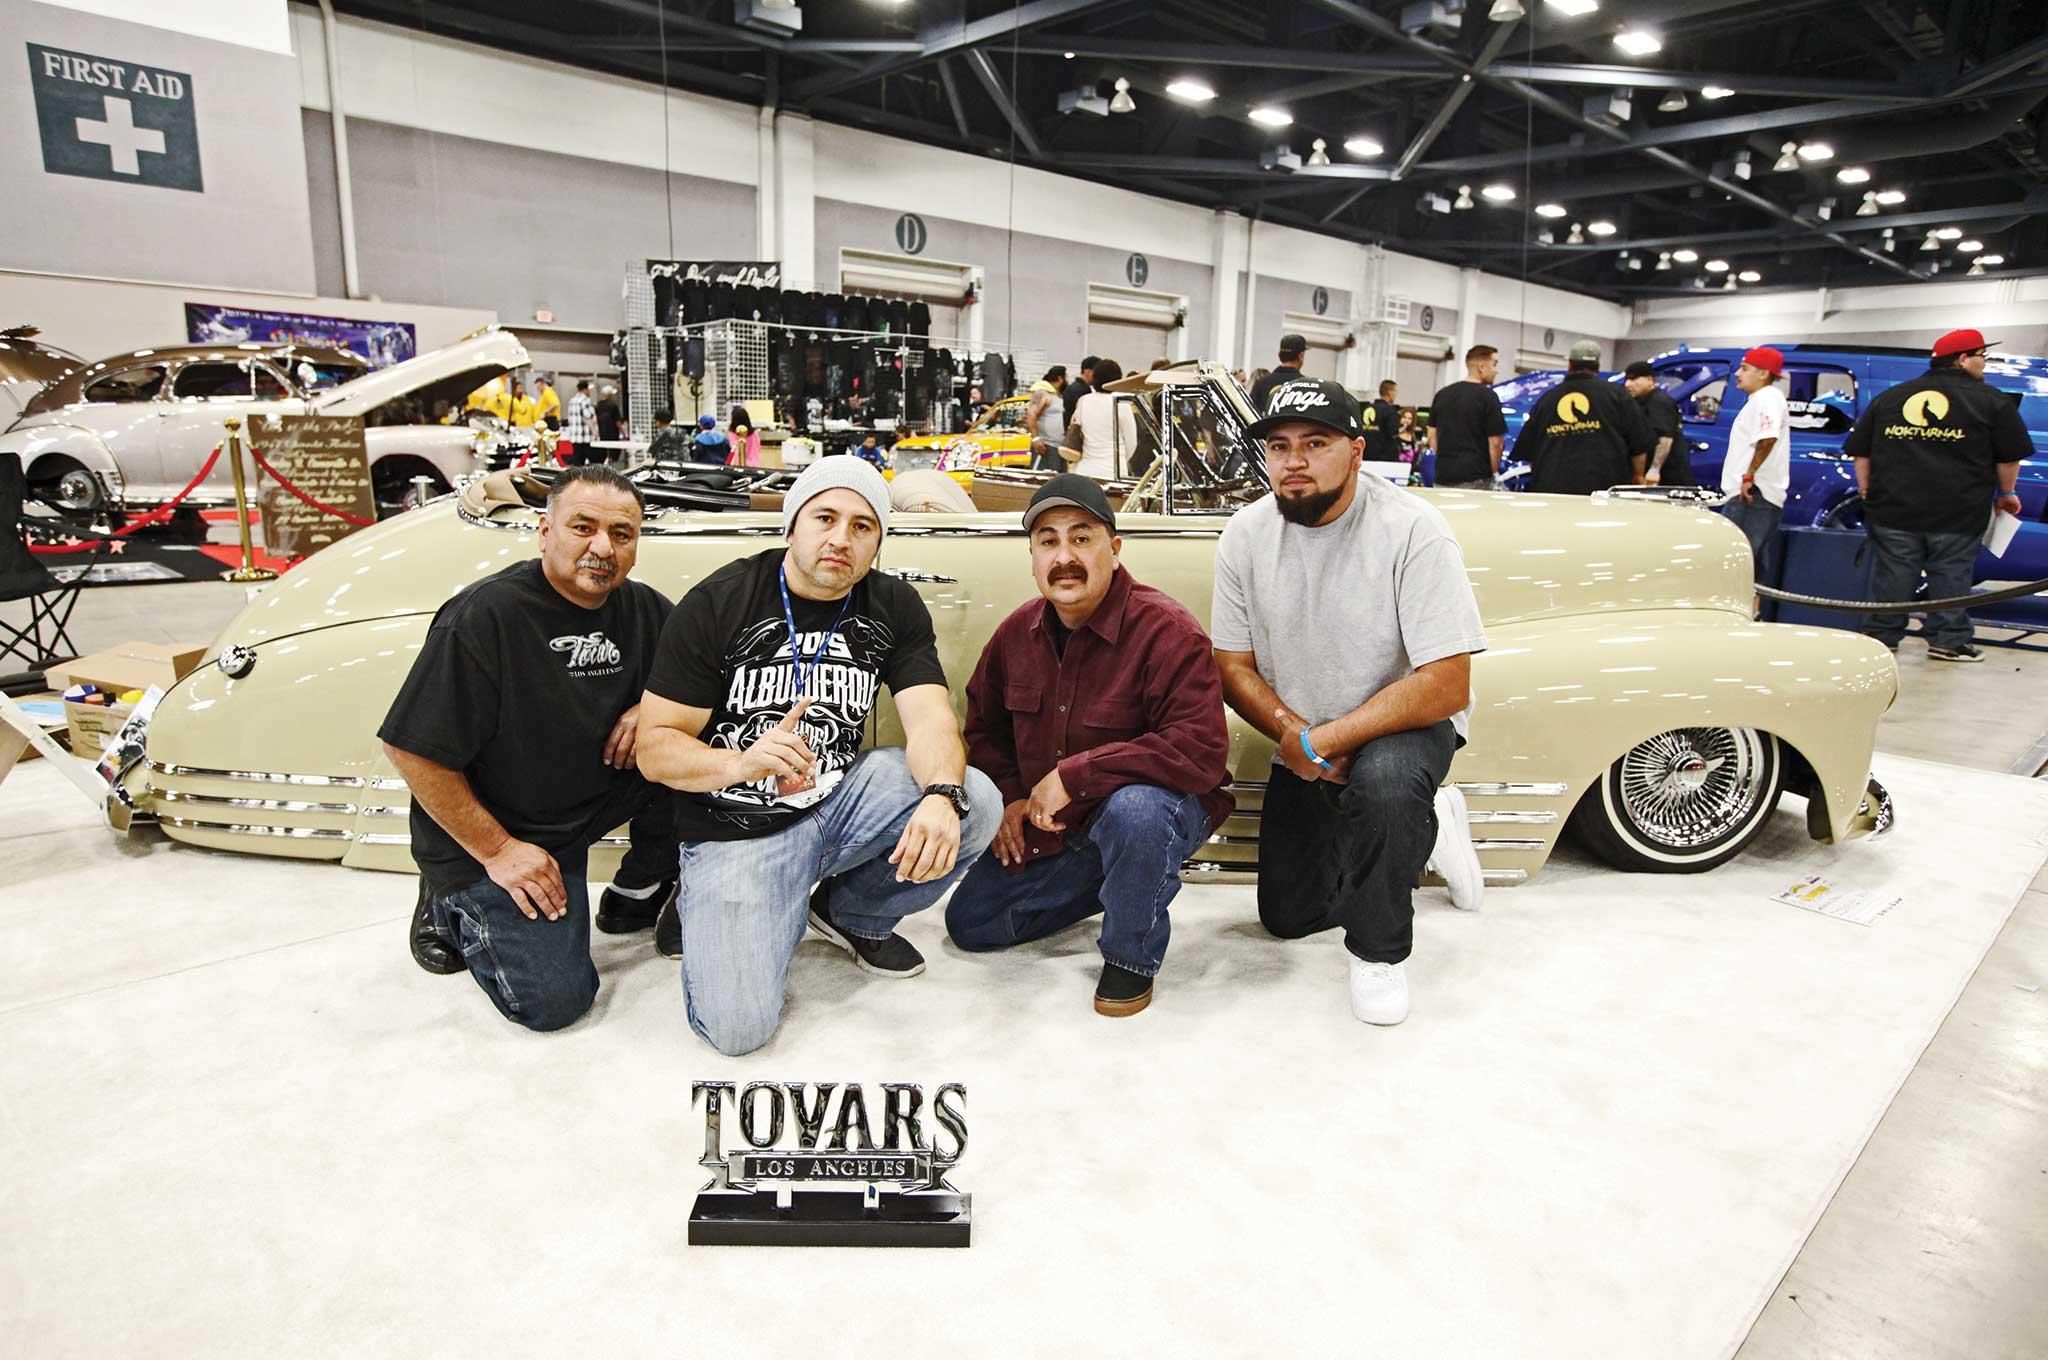 Albuquerque Car Show Convention Center